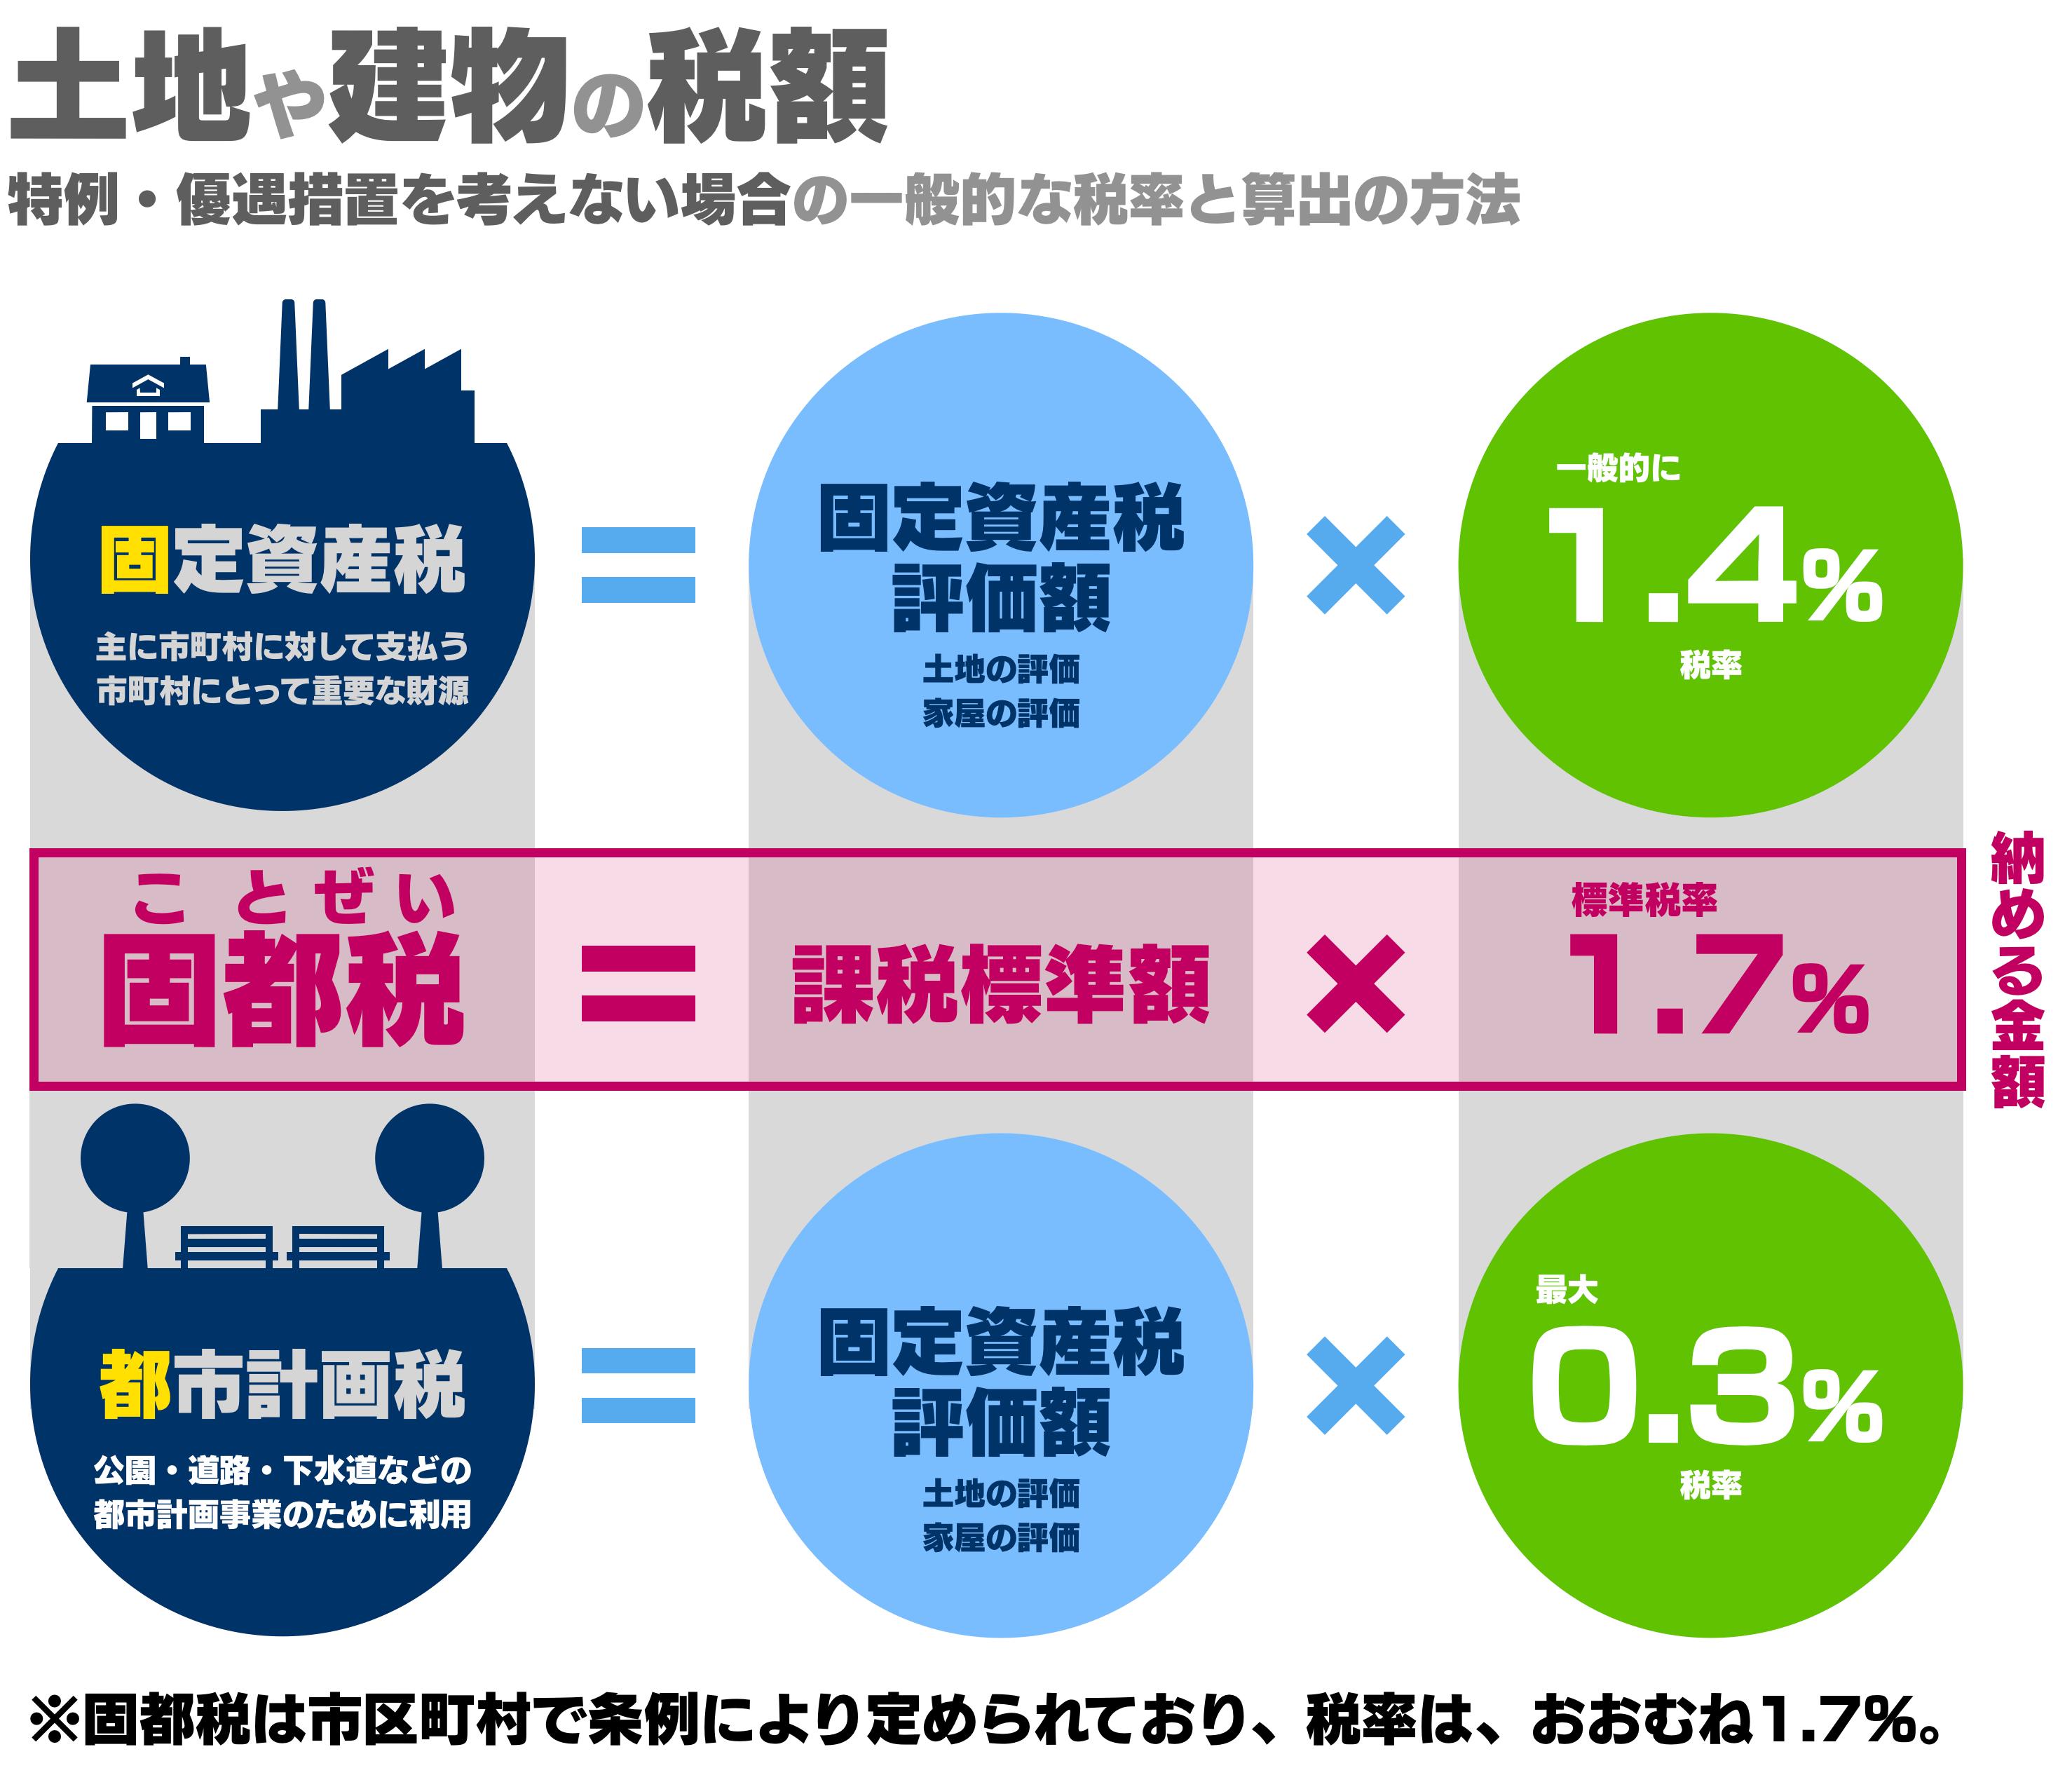 固都税が固定資産税と都市計画税によって算出されることを示し、課税標準額の1.7%であることを示す画像